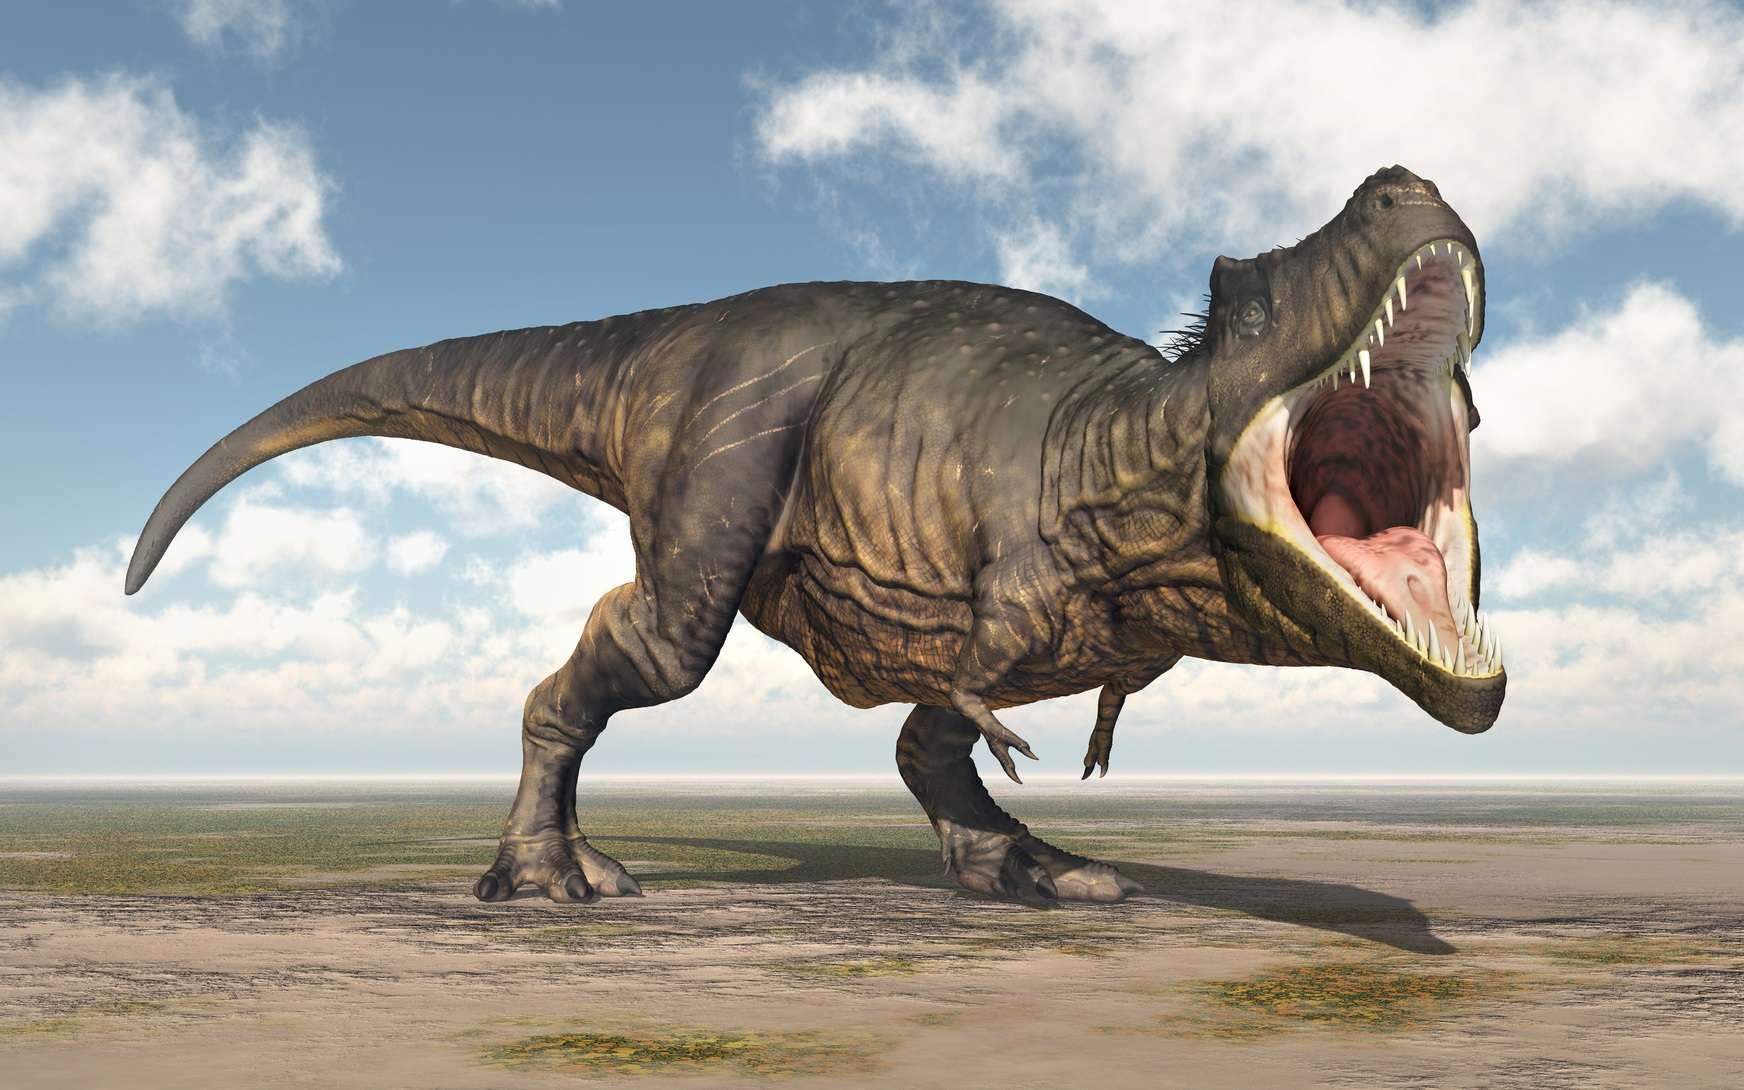 Le Tyrannosaurus rex est un redoutable prédateur de la fin du Crétacé. © Michael Rosskothen, Fotolia